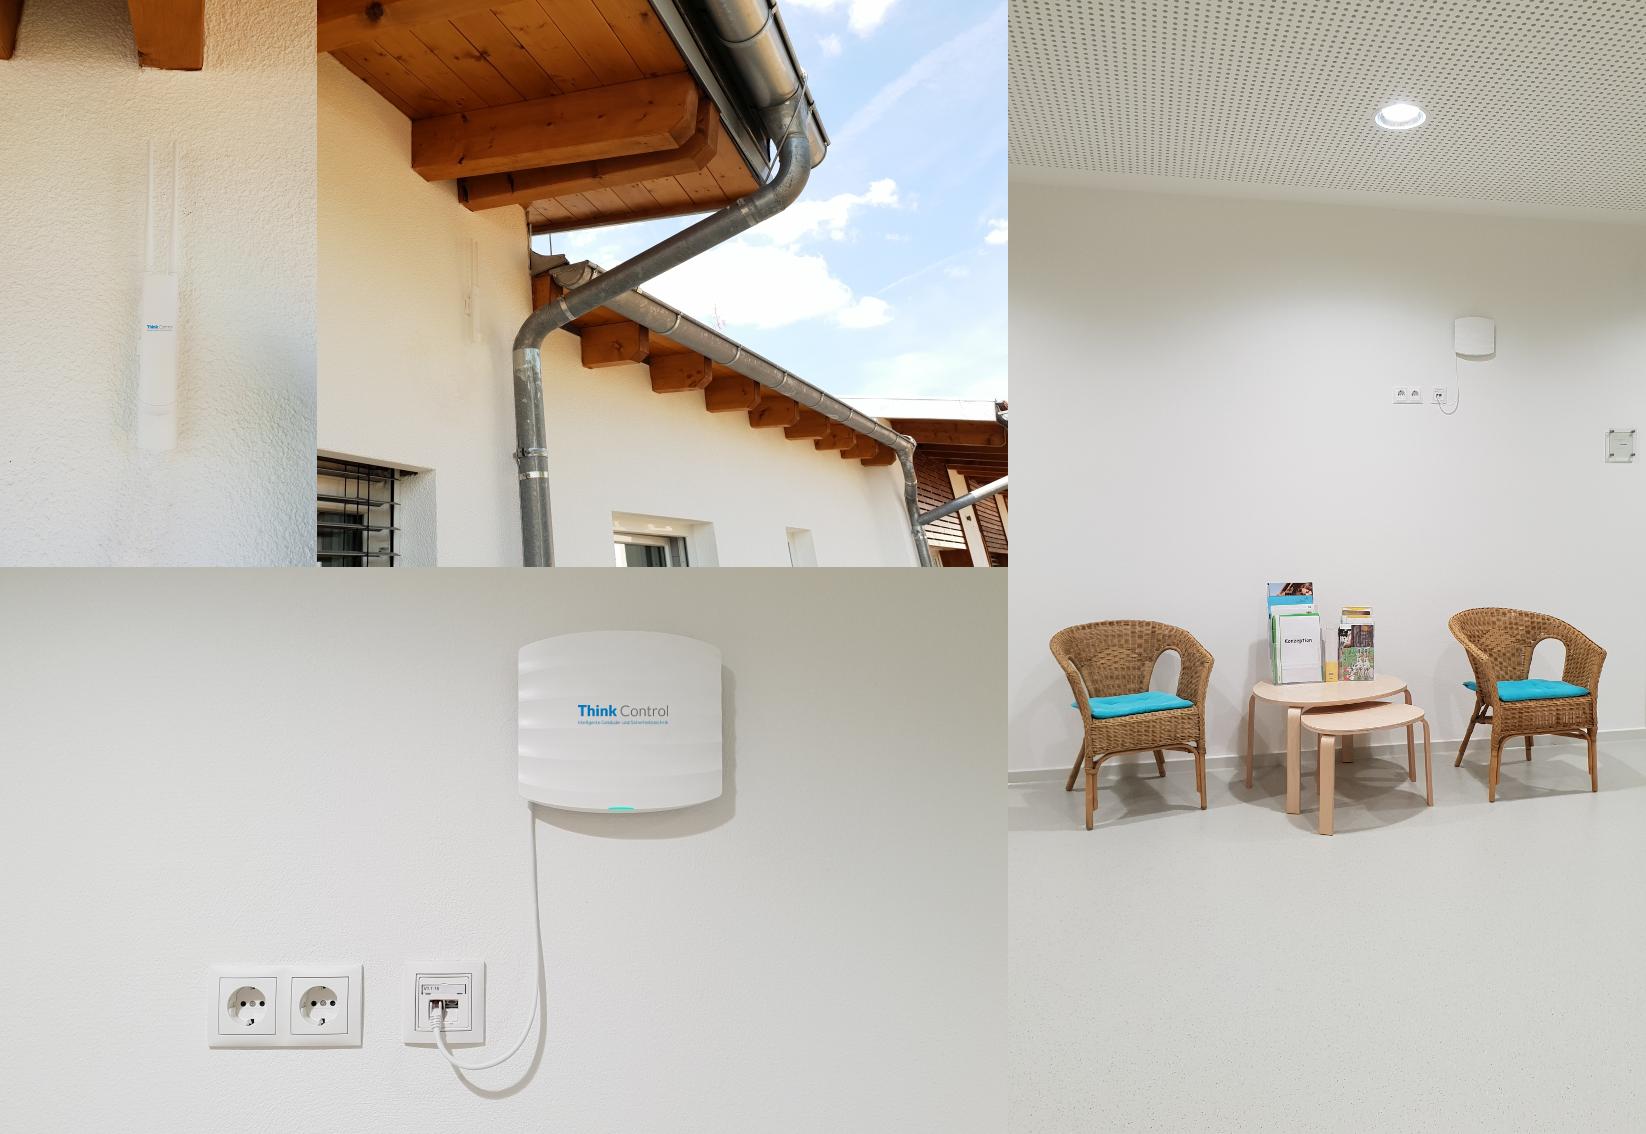 Access Point Installation im Innen- und Außenbereich